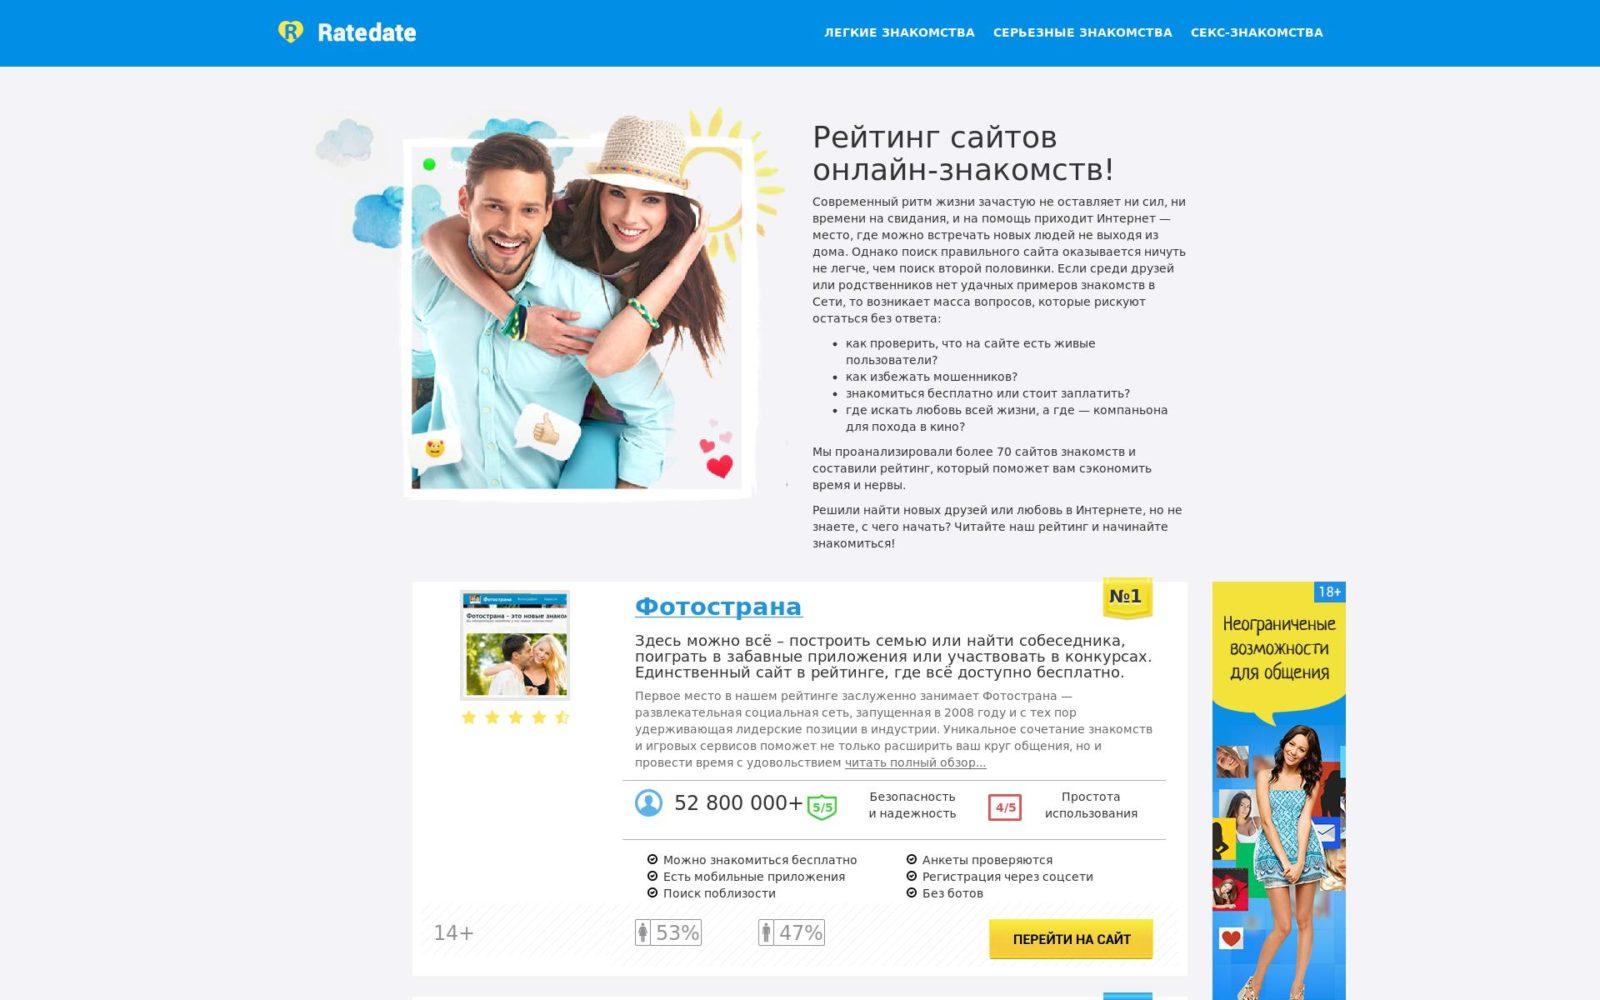 сайт знакомств обзор рейтинг